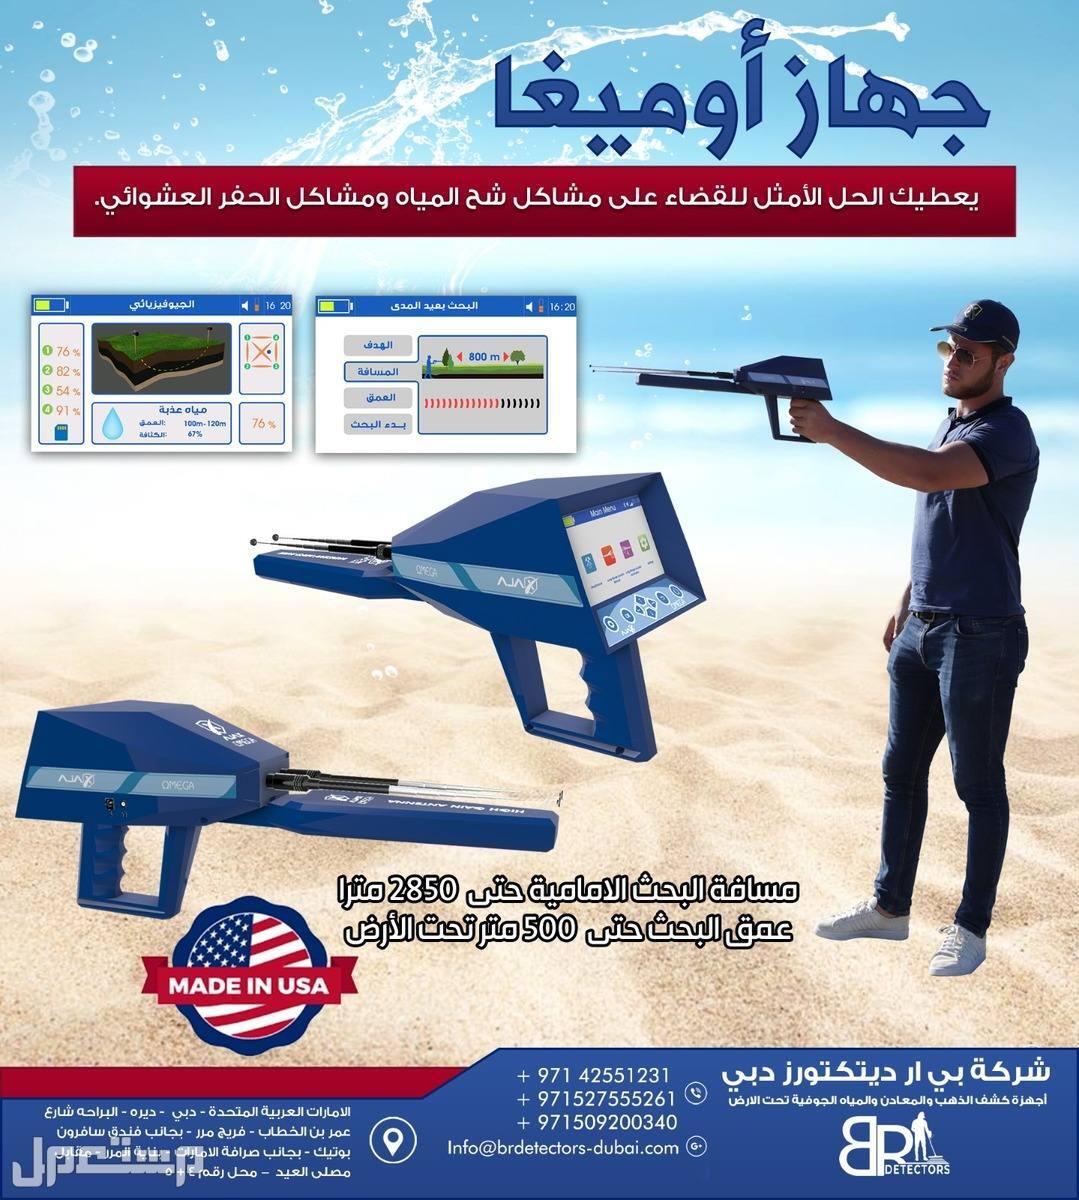 جهاز كشف المياه الجوفية في ابوظبي - اوميغا اجاكس جهاز كشف المياه الجوفية في ابوظبي - اوميغا اجاكس